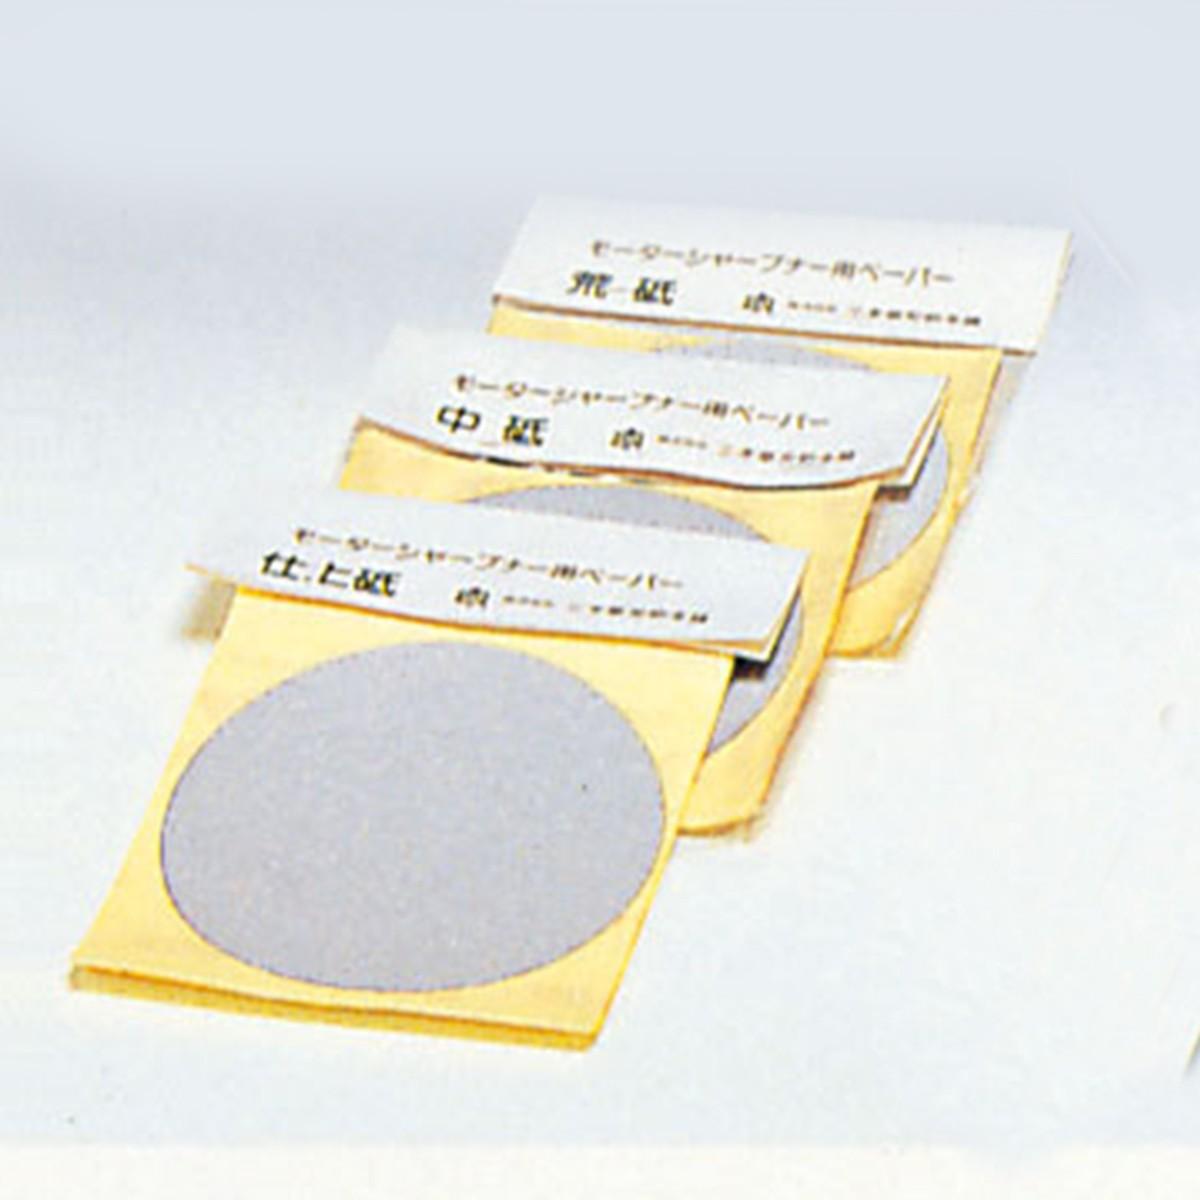 刃物のお手入れに メール便可 ニュー 販売期間 限定のお得なタイムセール モーターシャープナー用 交換用部品 買取 ペーパー 10枚組 刃 加工 DIY 電動 研ぐ 砥石